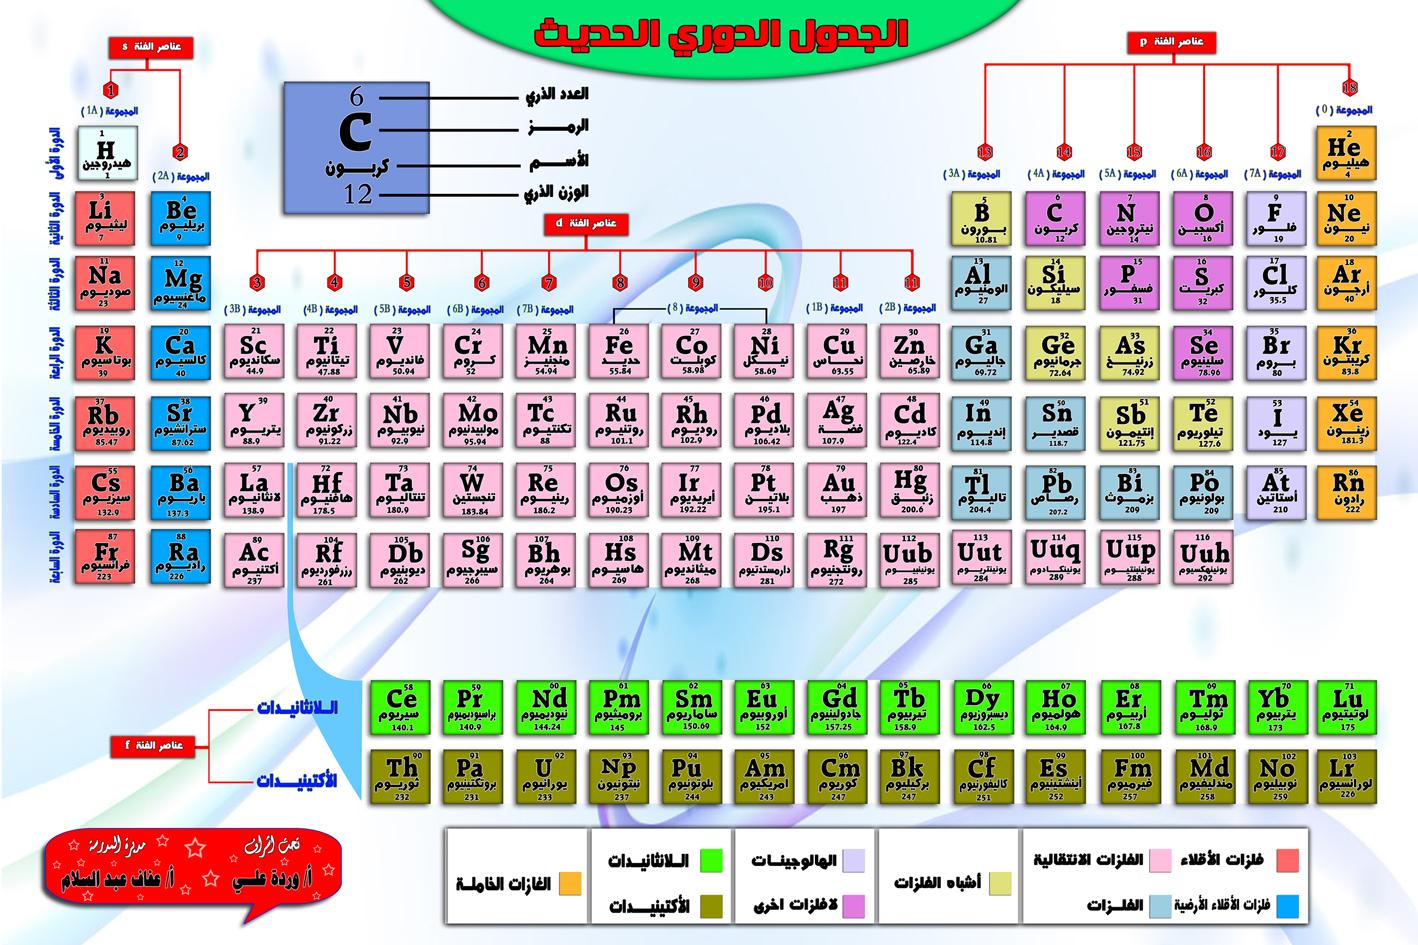 الجدول الدوري لعناصر المواد الكميائية